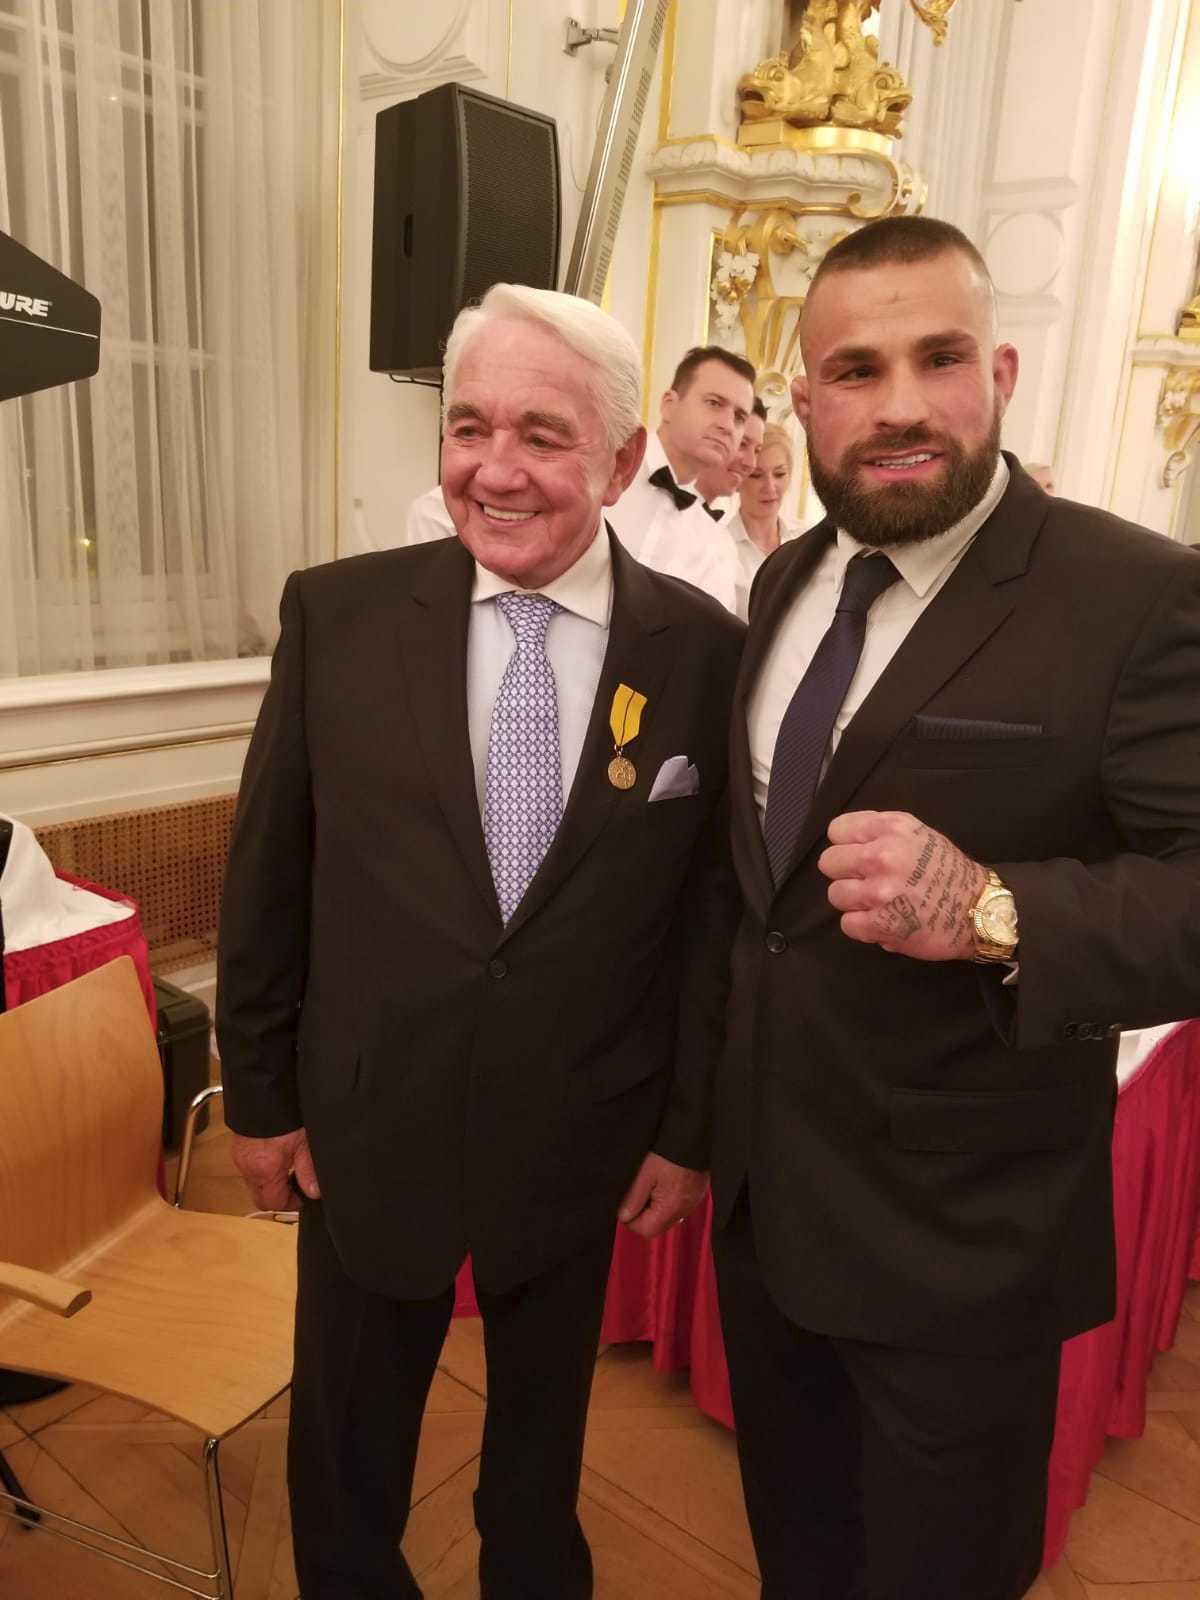 Karlos Vémola se na Hradě setkal i s hercem Jiřím Krampolem, který od prezidenta dostal Medaili Za zásluhy